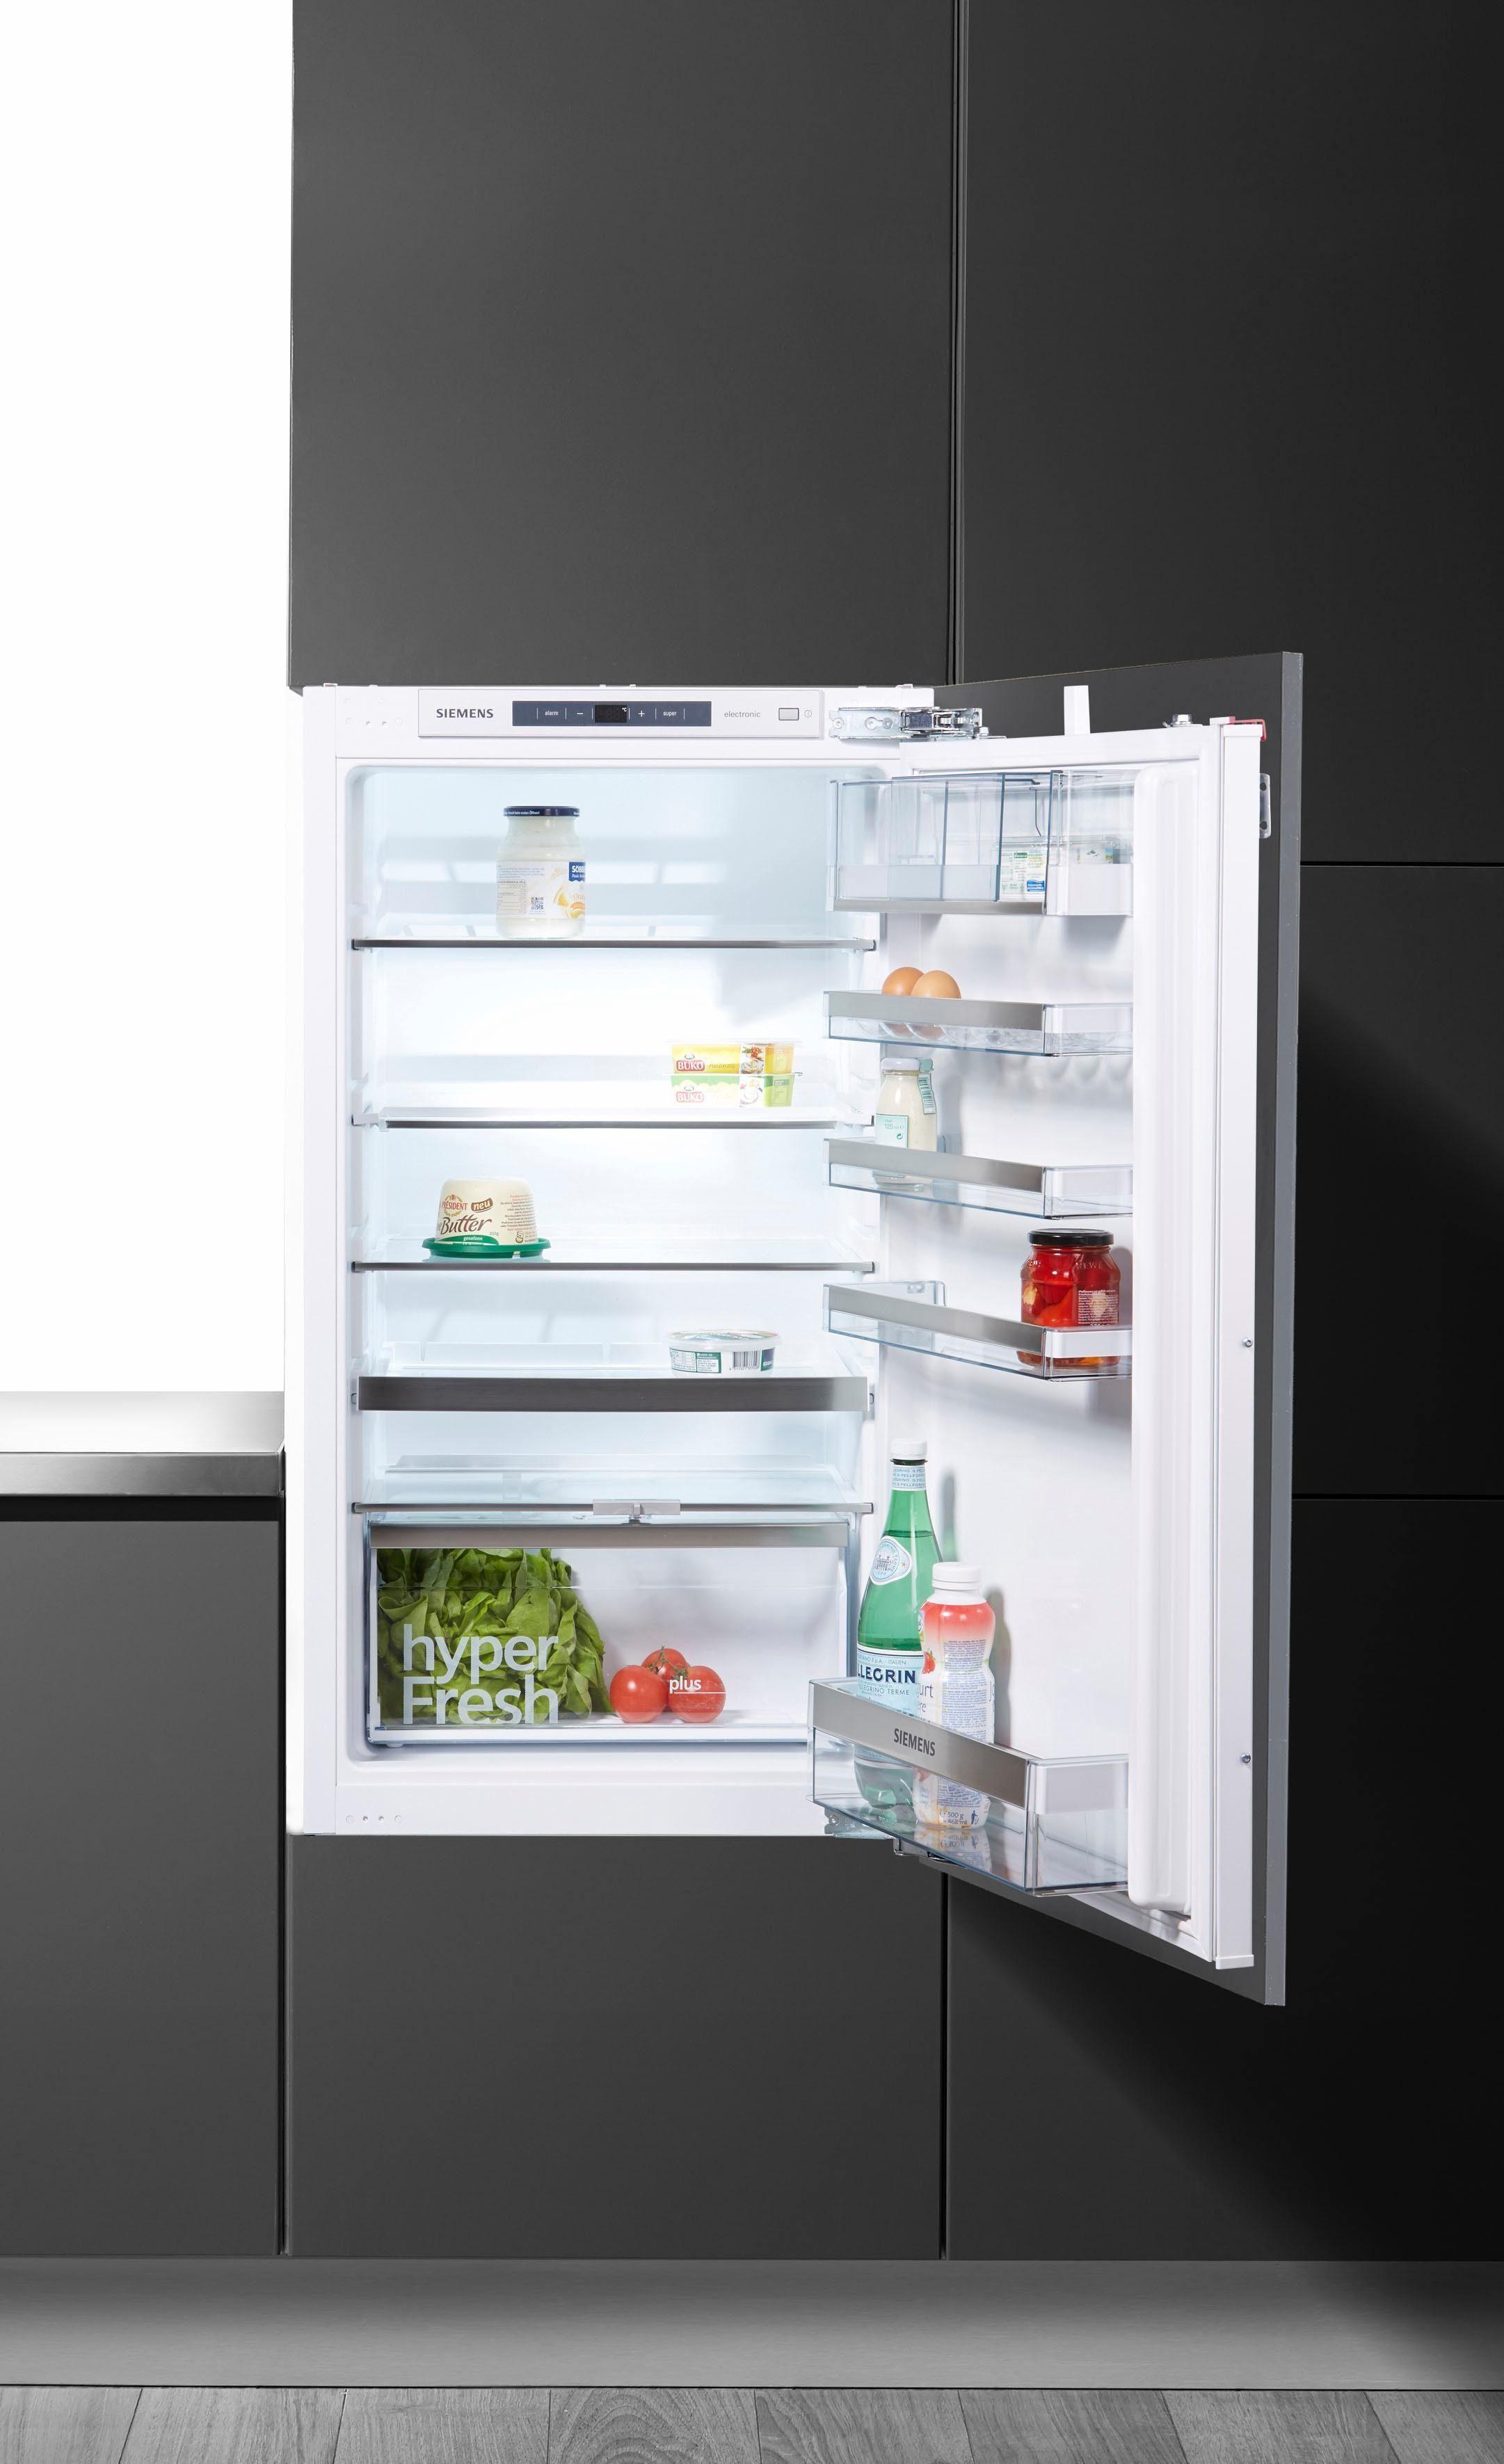 SIEMENS Einbaukühlschrank KI31RAD30, 102,1 cm hoch, 55,8 cm breit